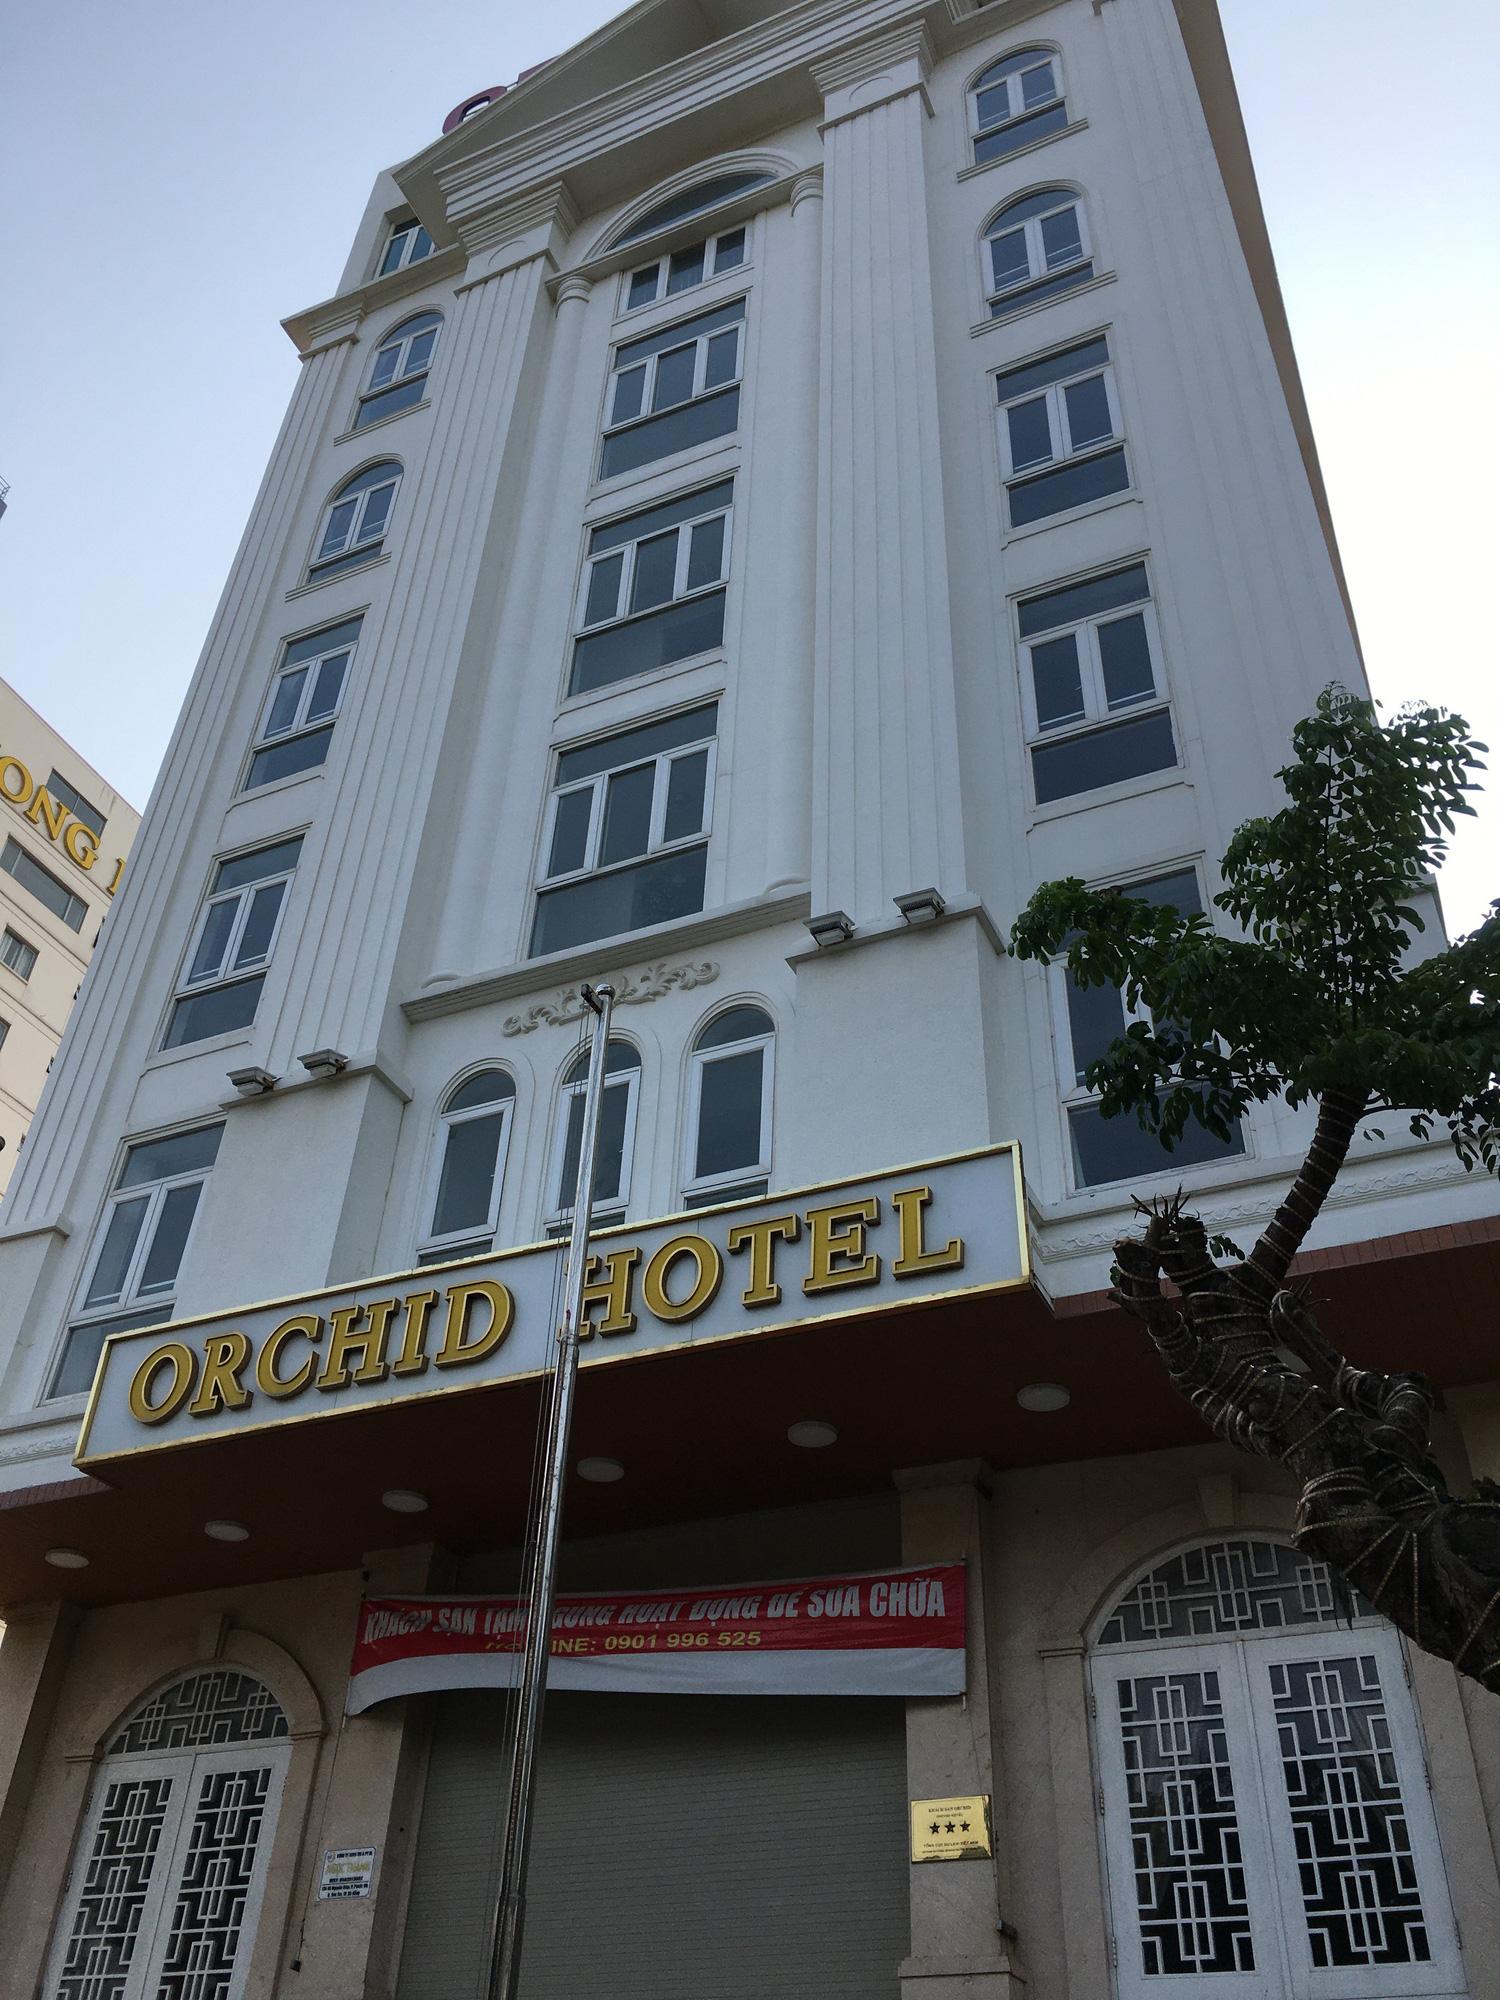 Khách sạn, công trình xây dựng ven biển, các hãng thời trang lớn ở Đà Nẵng đóng cửa hàng loạt trước ngày 'cách li toàn xã hội' - Ảnh 9.